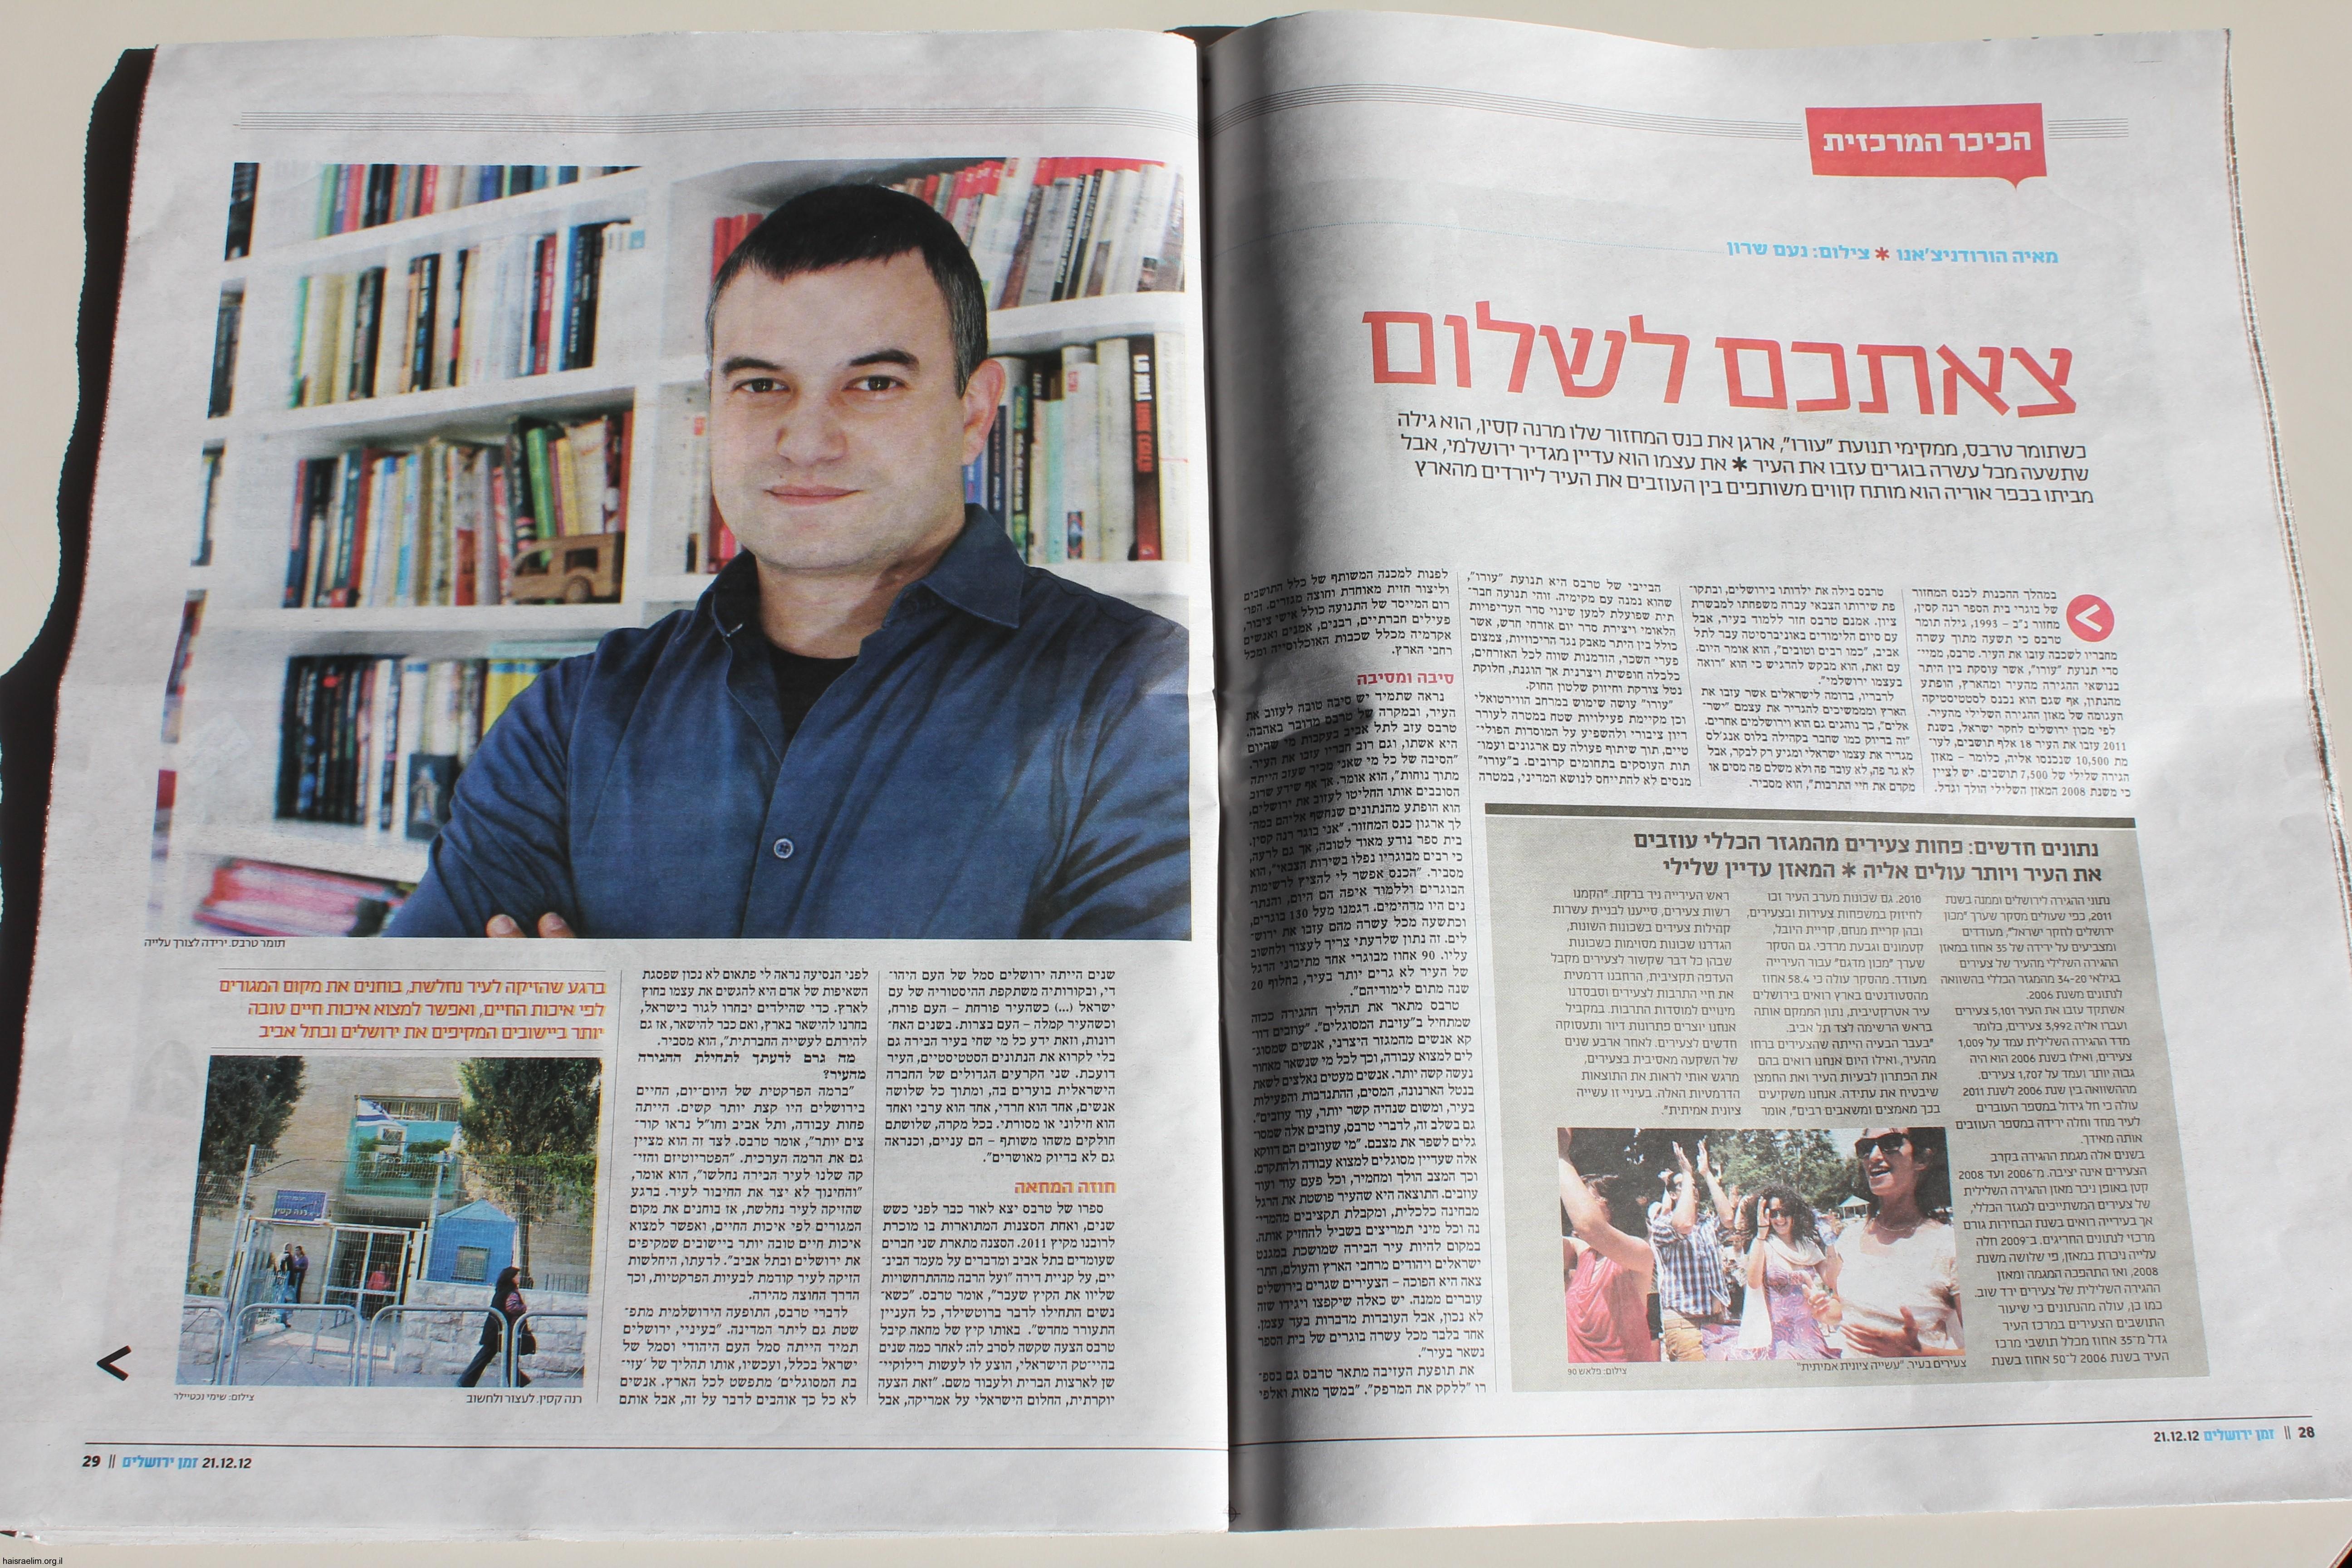 צאתכם לשלום - זמן ירושלים 21.12.2012